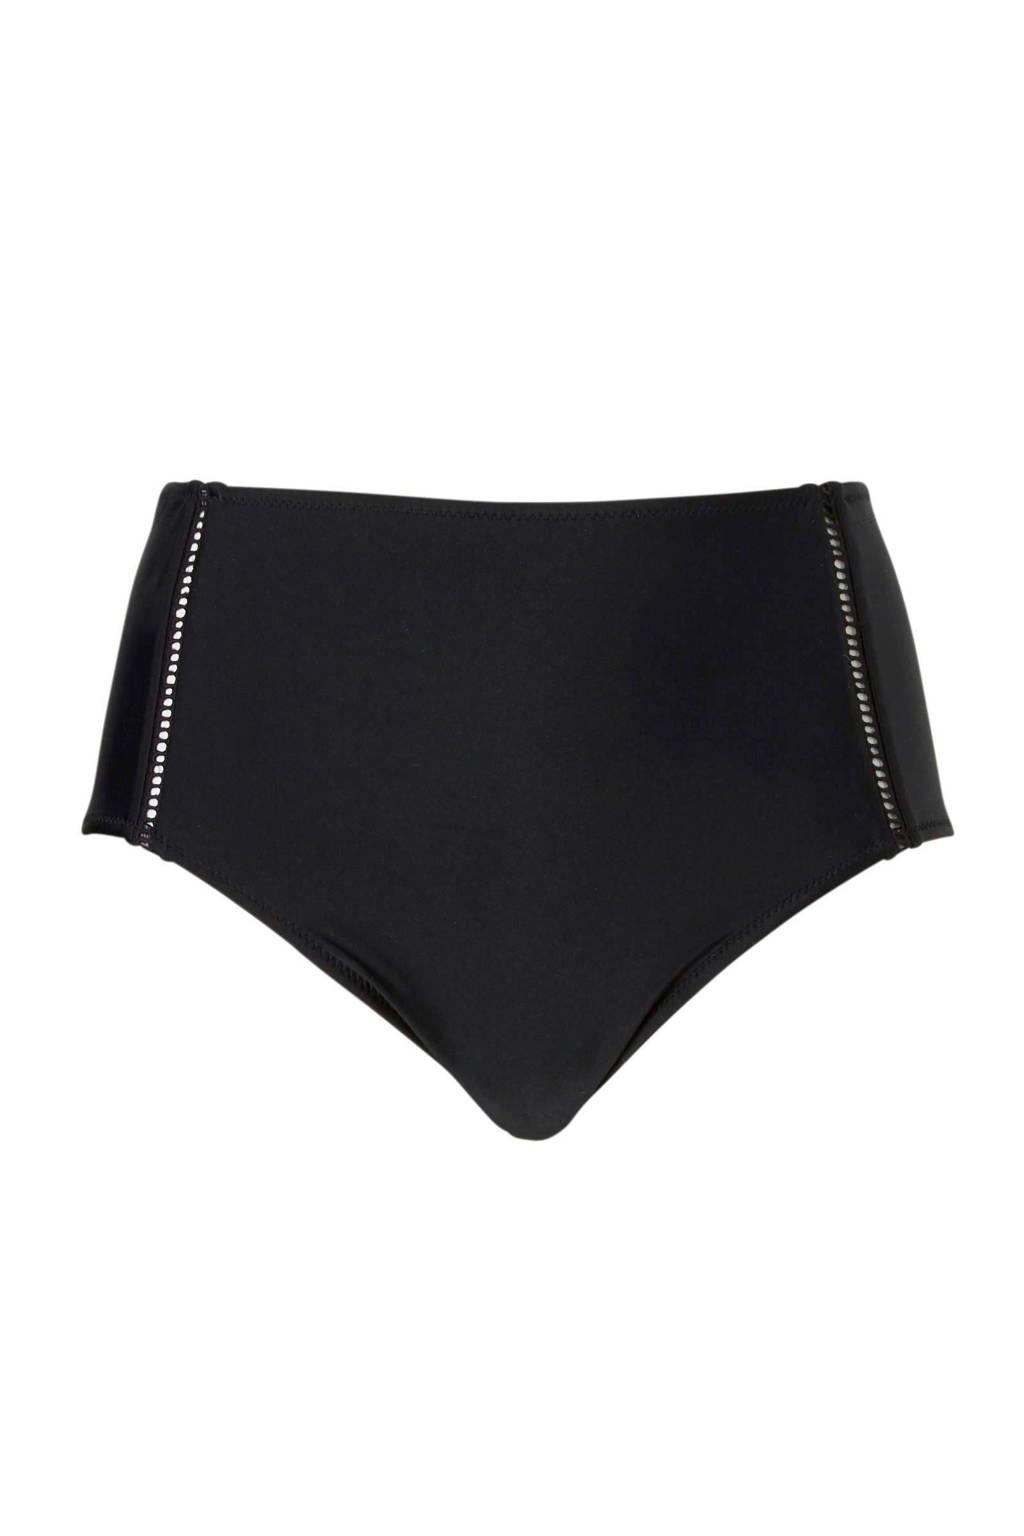 whkmp's beachwave Mix & Match corrigerend broekje high waist zwart, Zwart